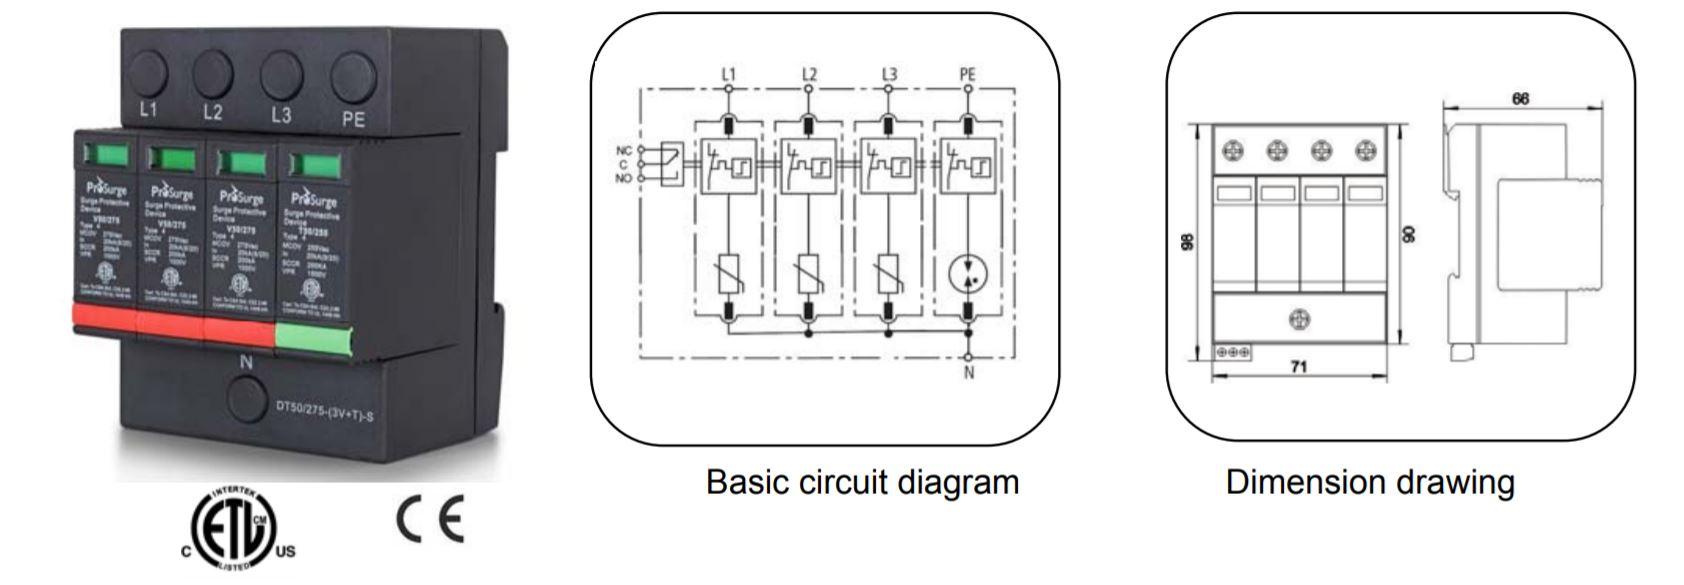 sét cấp 1+2 công nghệ MOV 3P+N 200kA DT50/420-(3V+T)(-S) Prosurge: